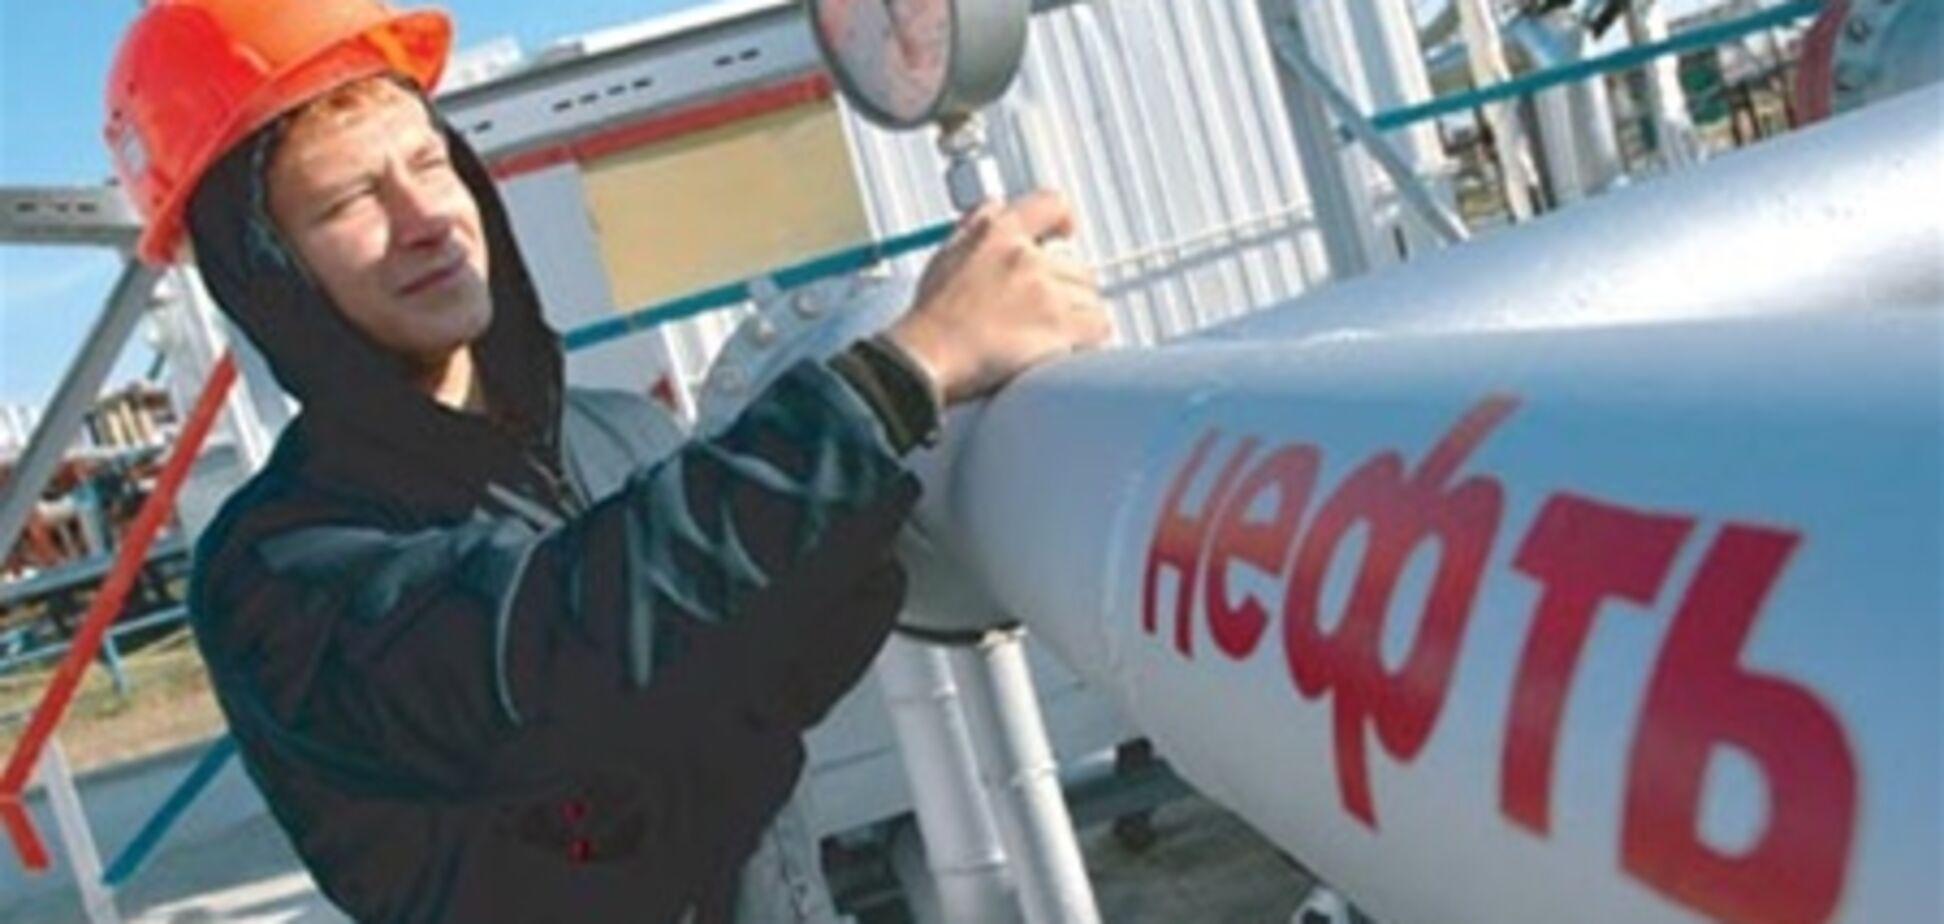 Білорусь обговорює з Росією підвищення тарифної ставки на транзит нафти